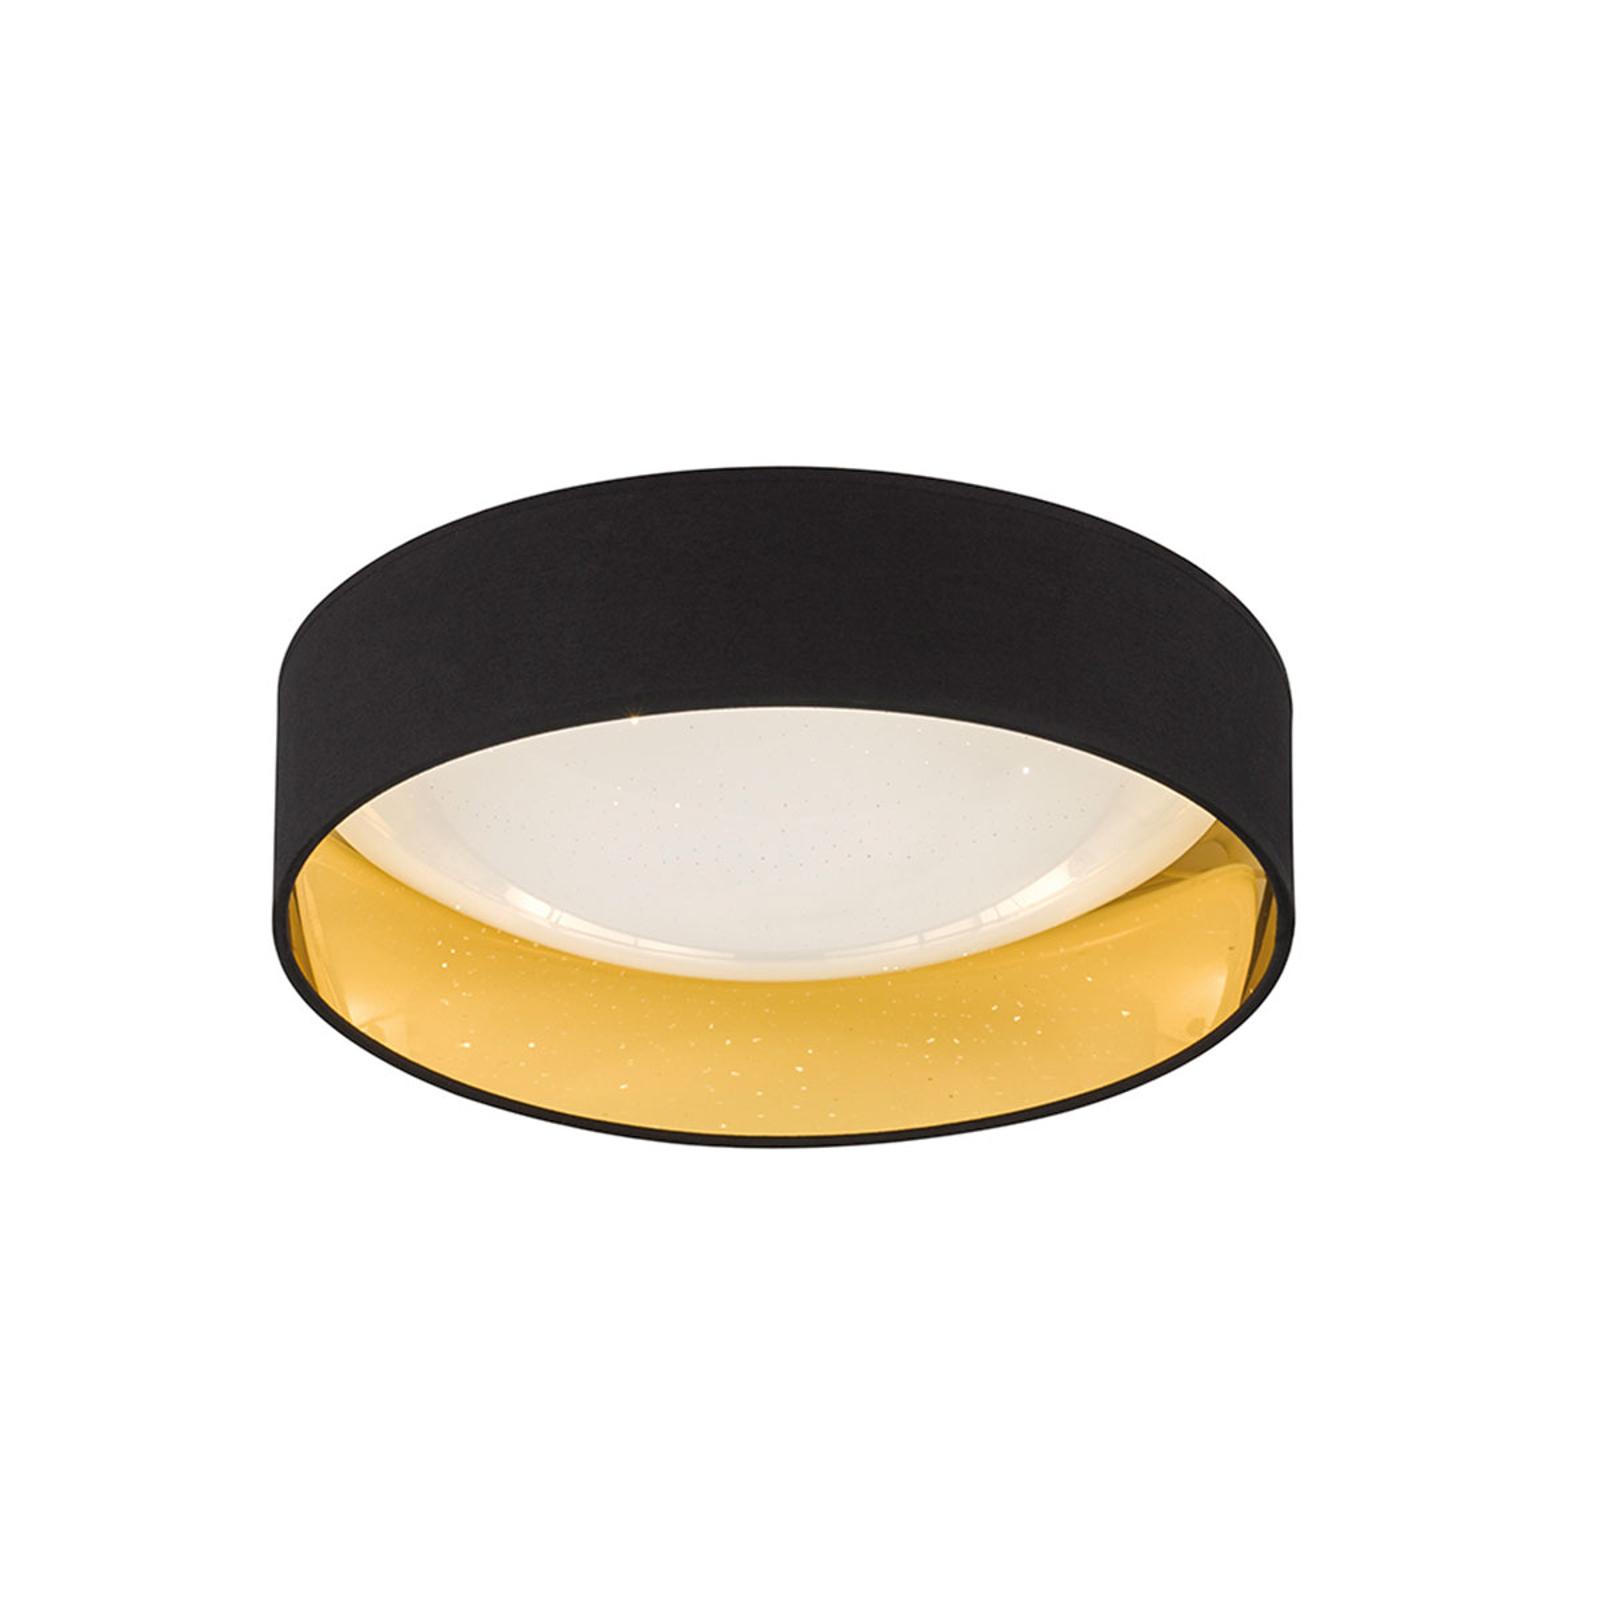 Czarno-złota lampa sufitowa LED Sete Ø 40cm